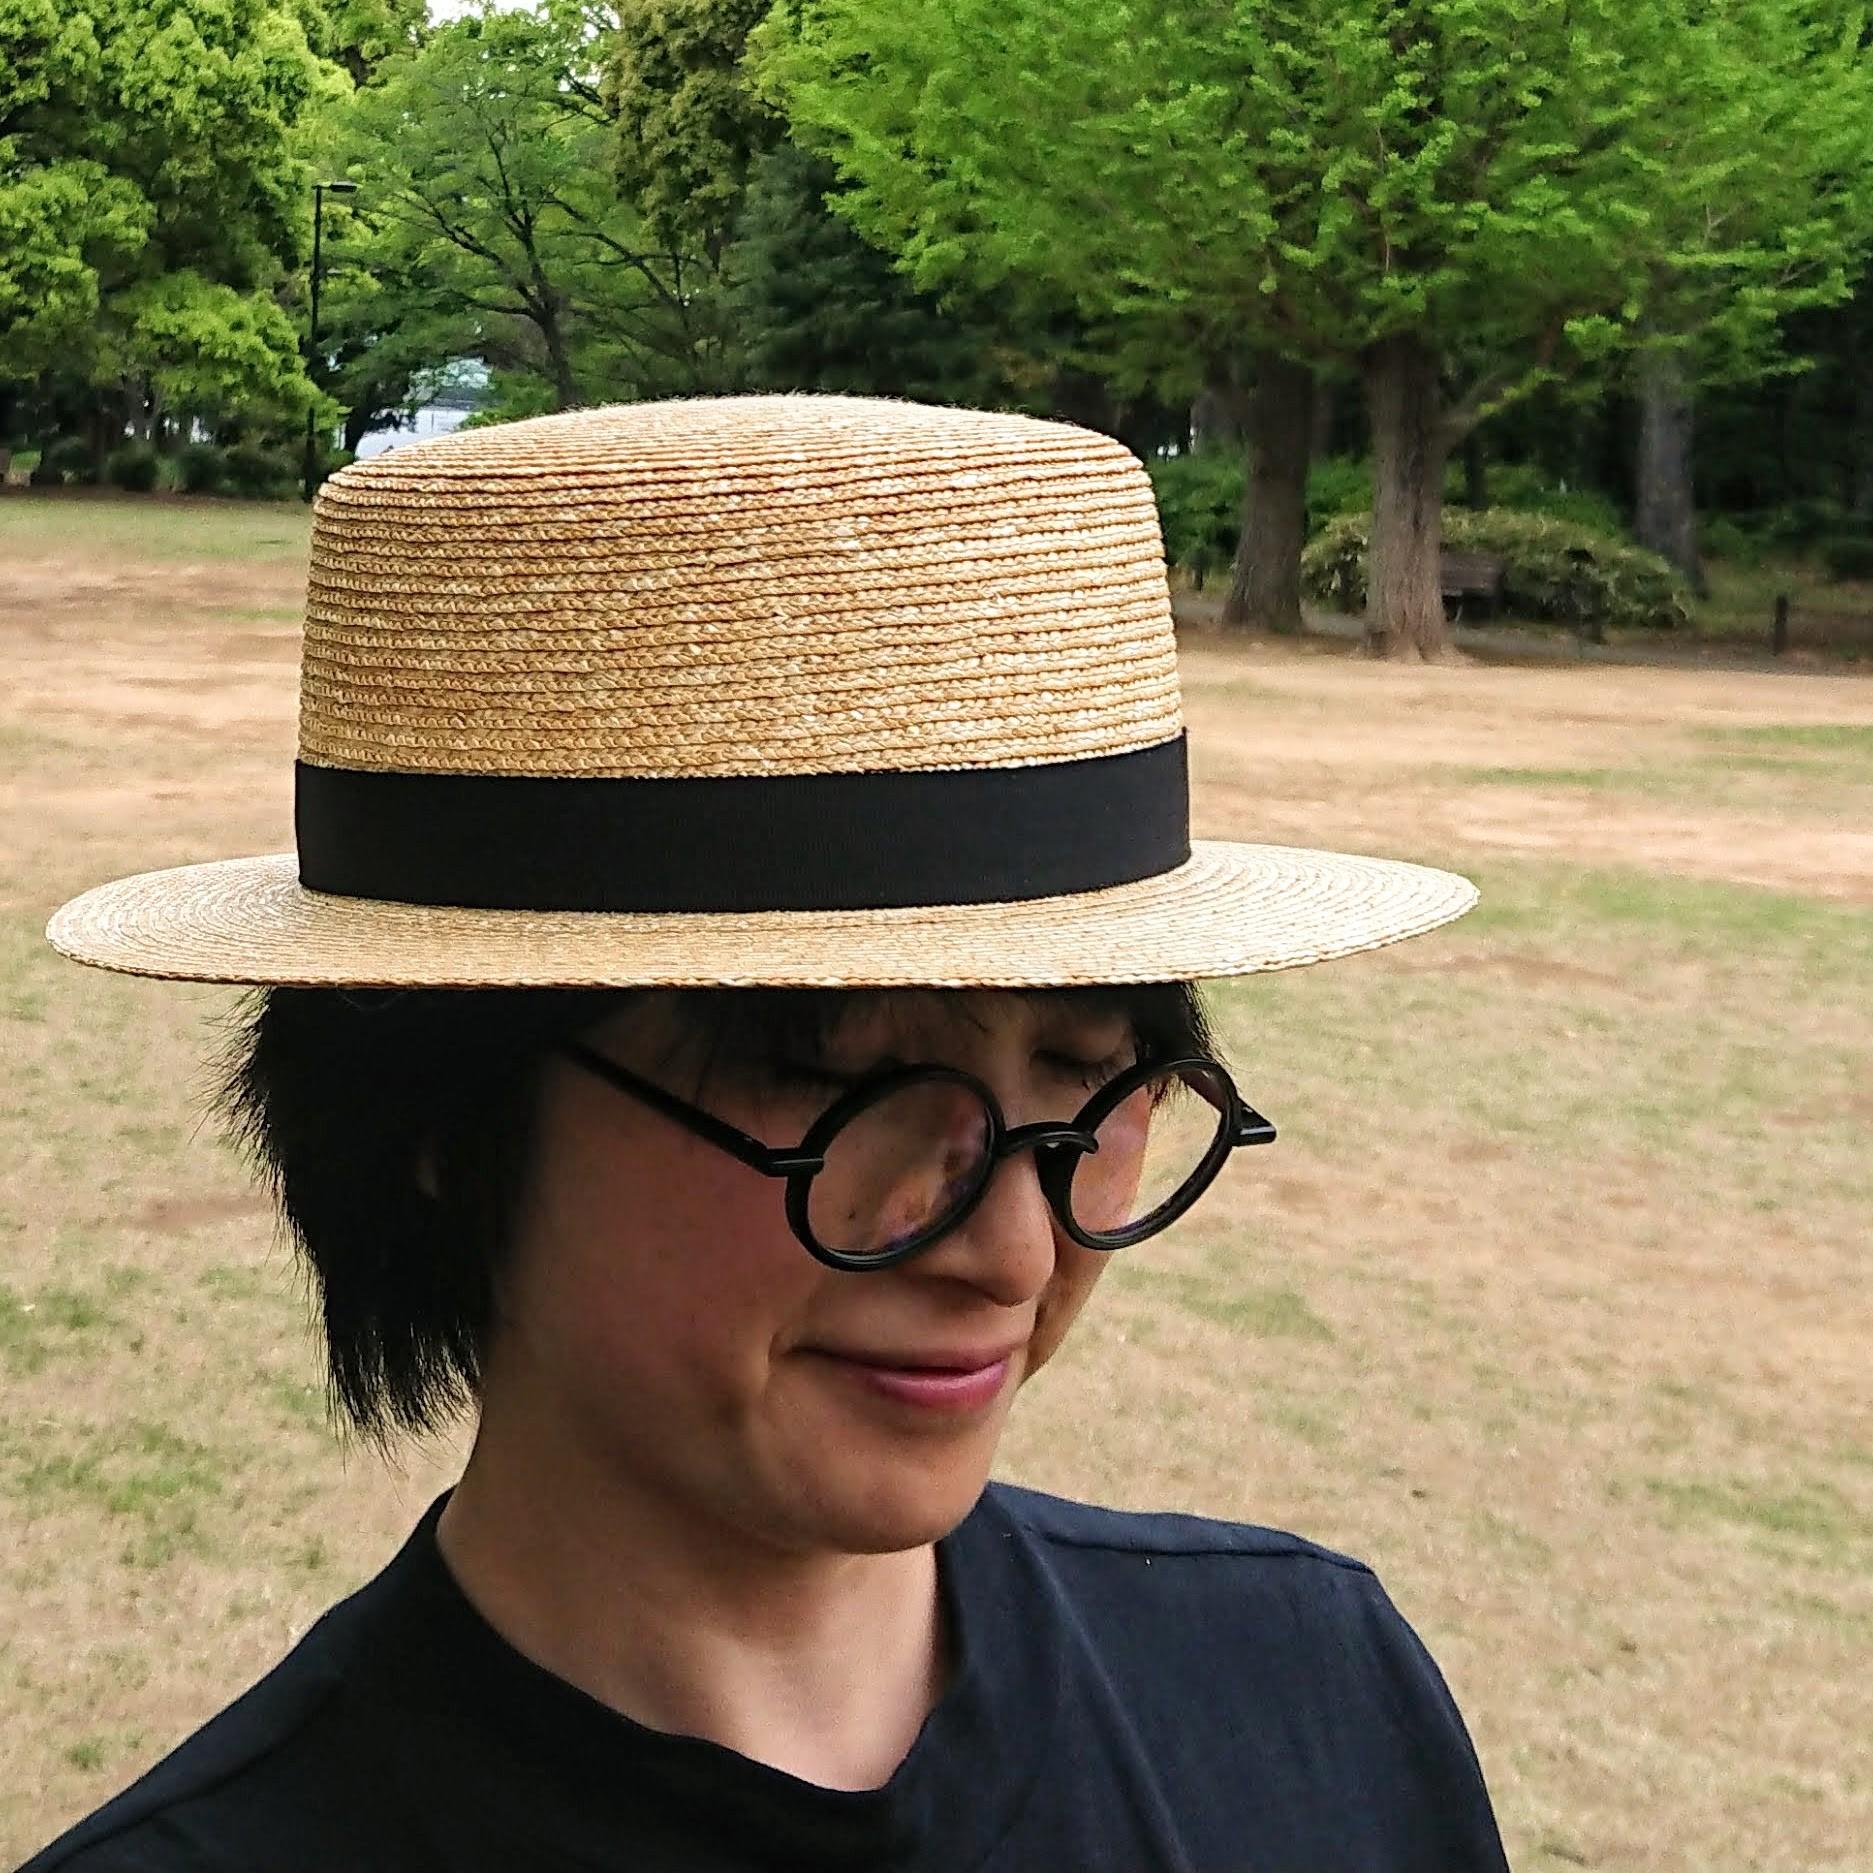 女性のカンカン帽って、ノスタルジックな雰囲気があって素敵。こちらのカンカン帽は高さもあるのでかぶりやすいんです。